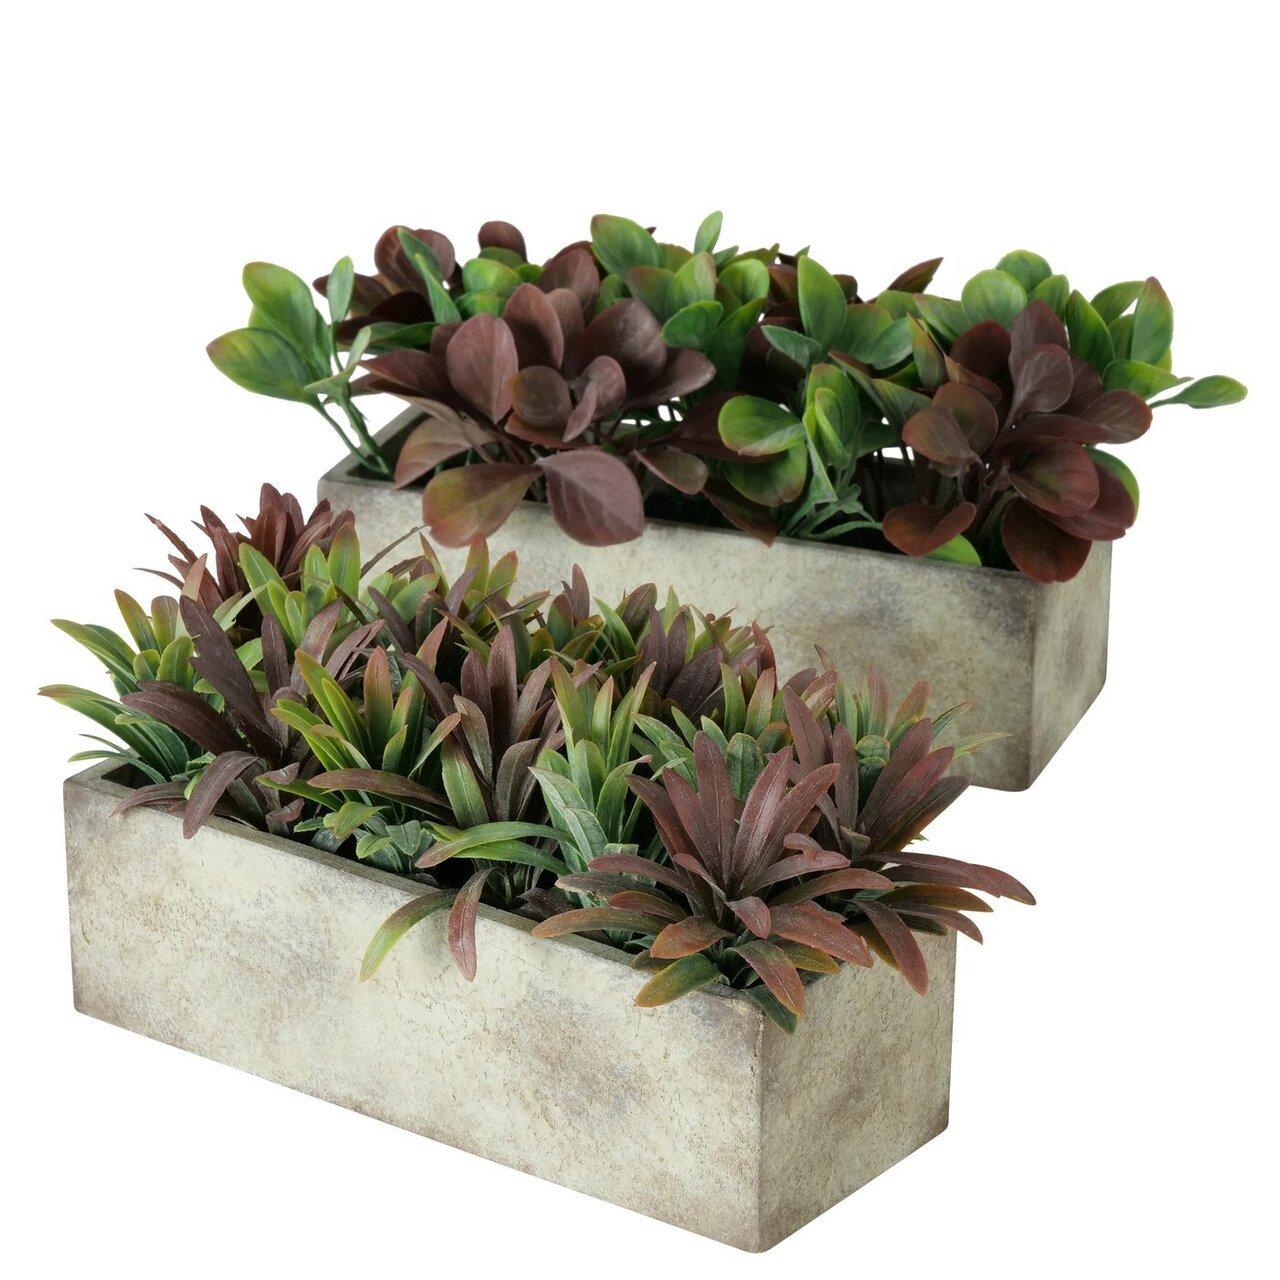 Boltze Topfpflanze im Kasten